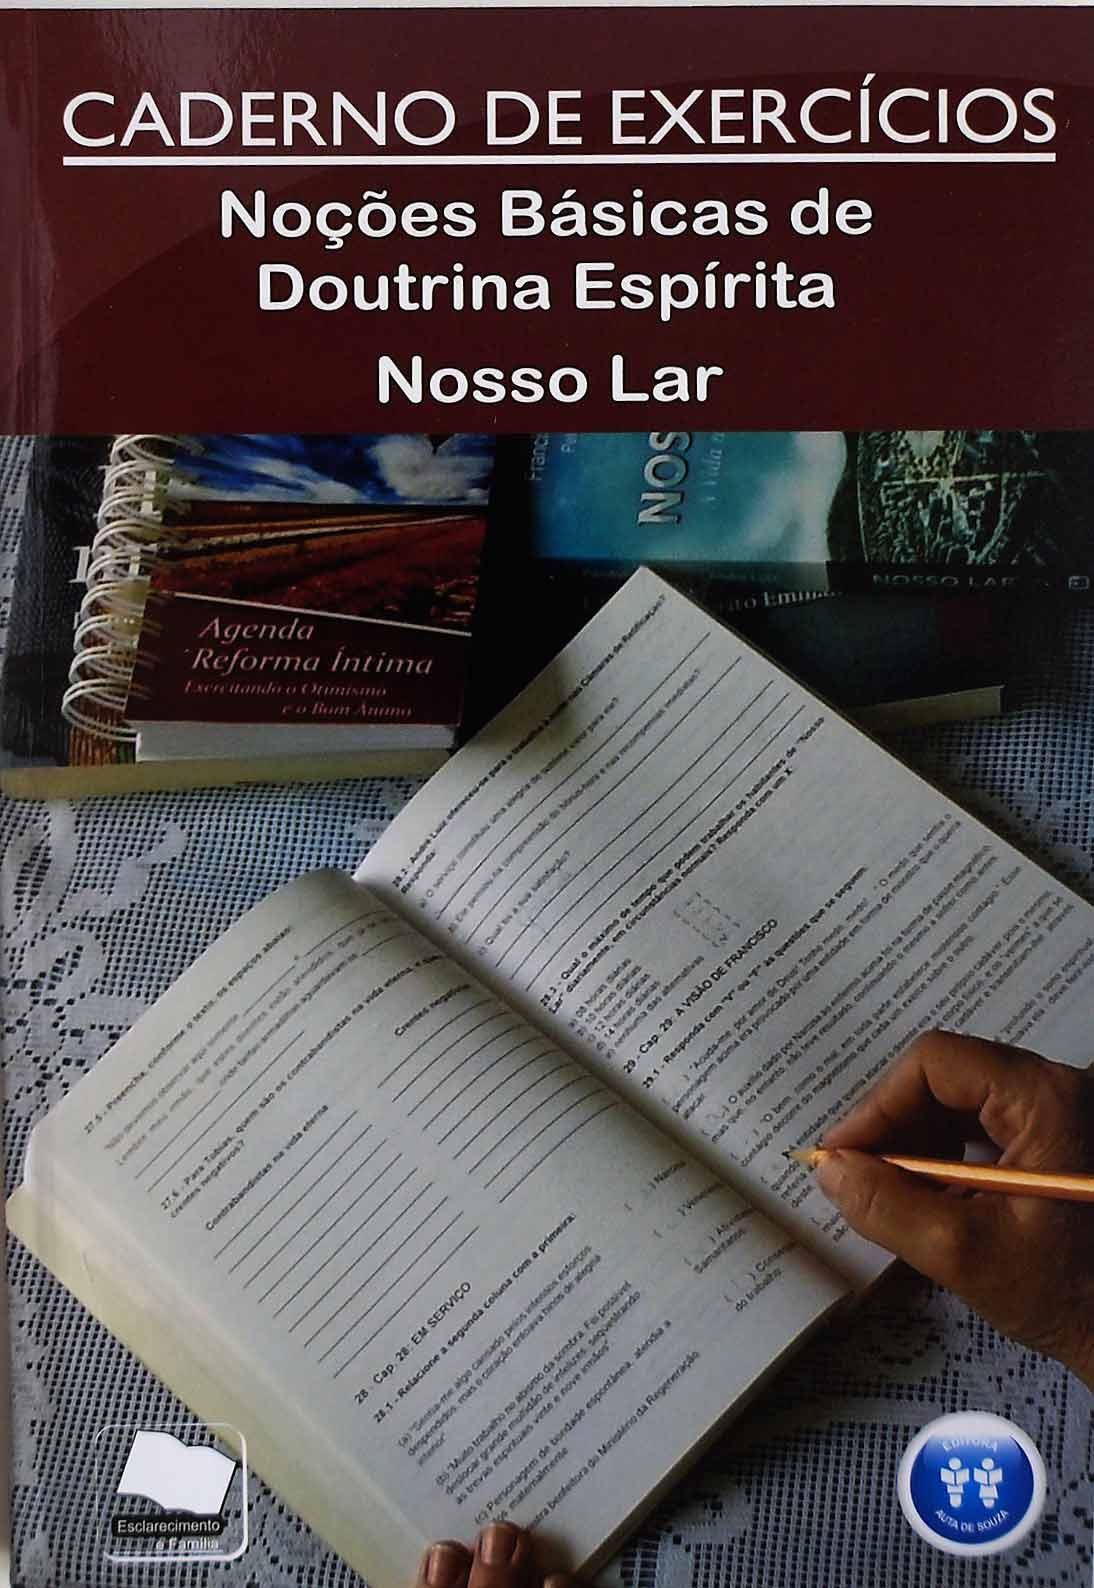 CADERNO DE EXERCÍCIOS - NOÇÕES BÁSICAS DE DOUTRINA ESPÍRIT E NOSSO LAR